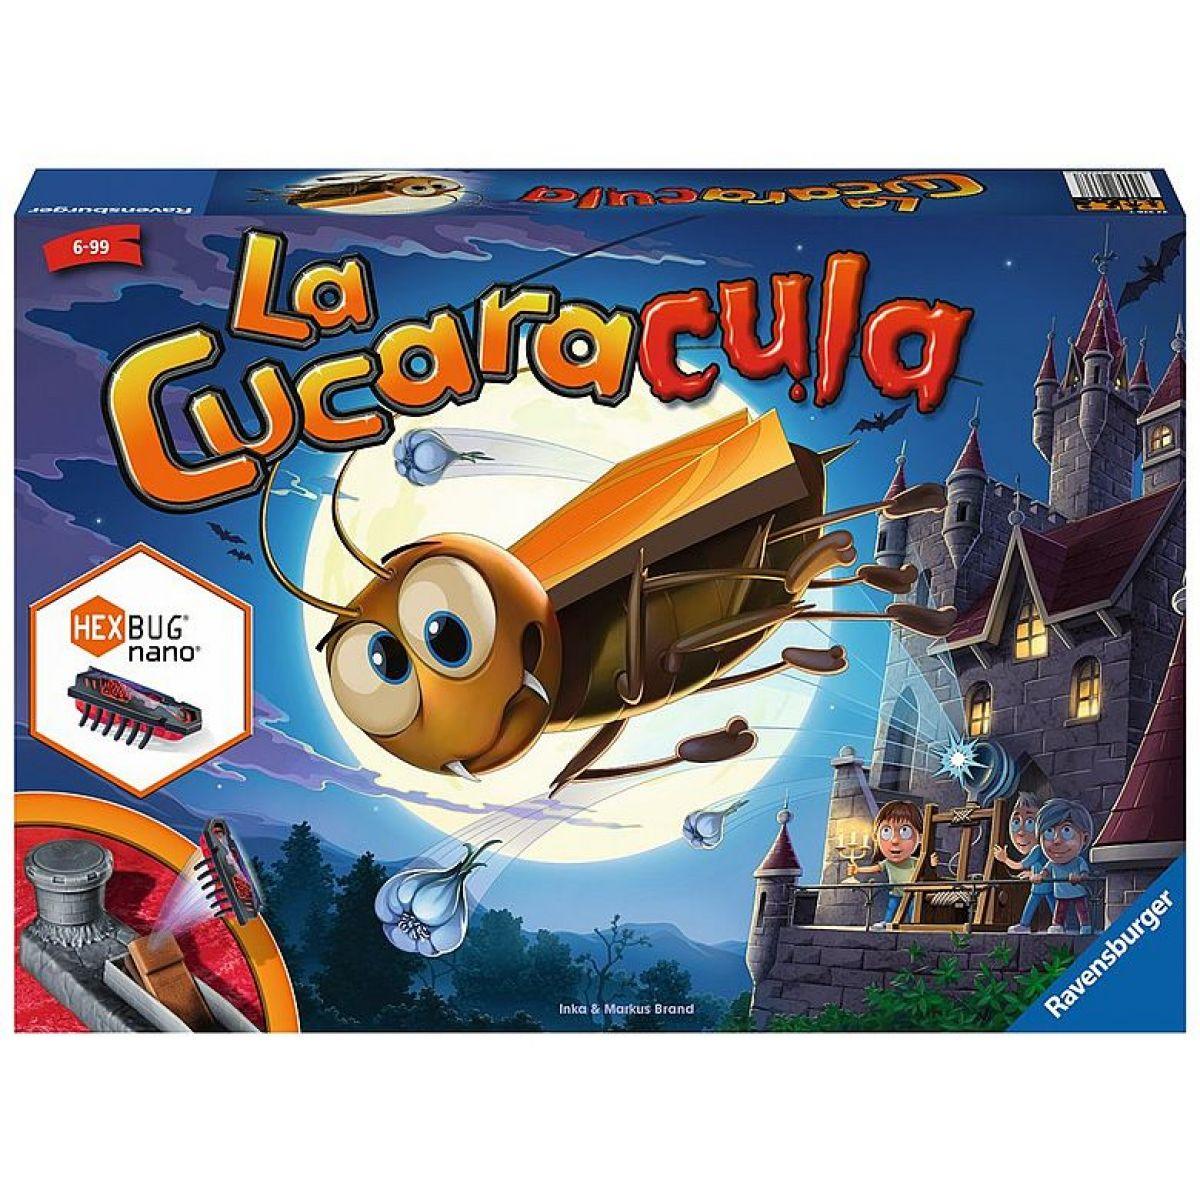 Ravensburger Hry La Cucaracula